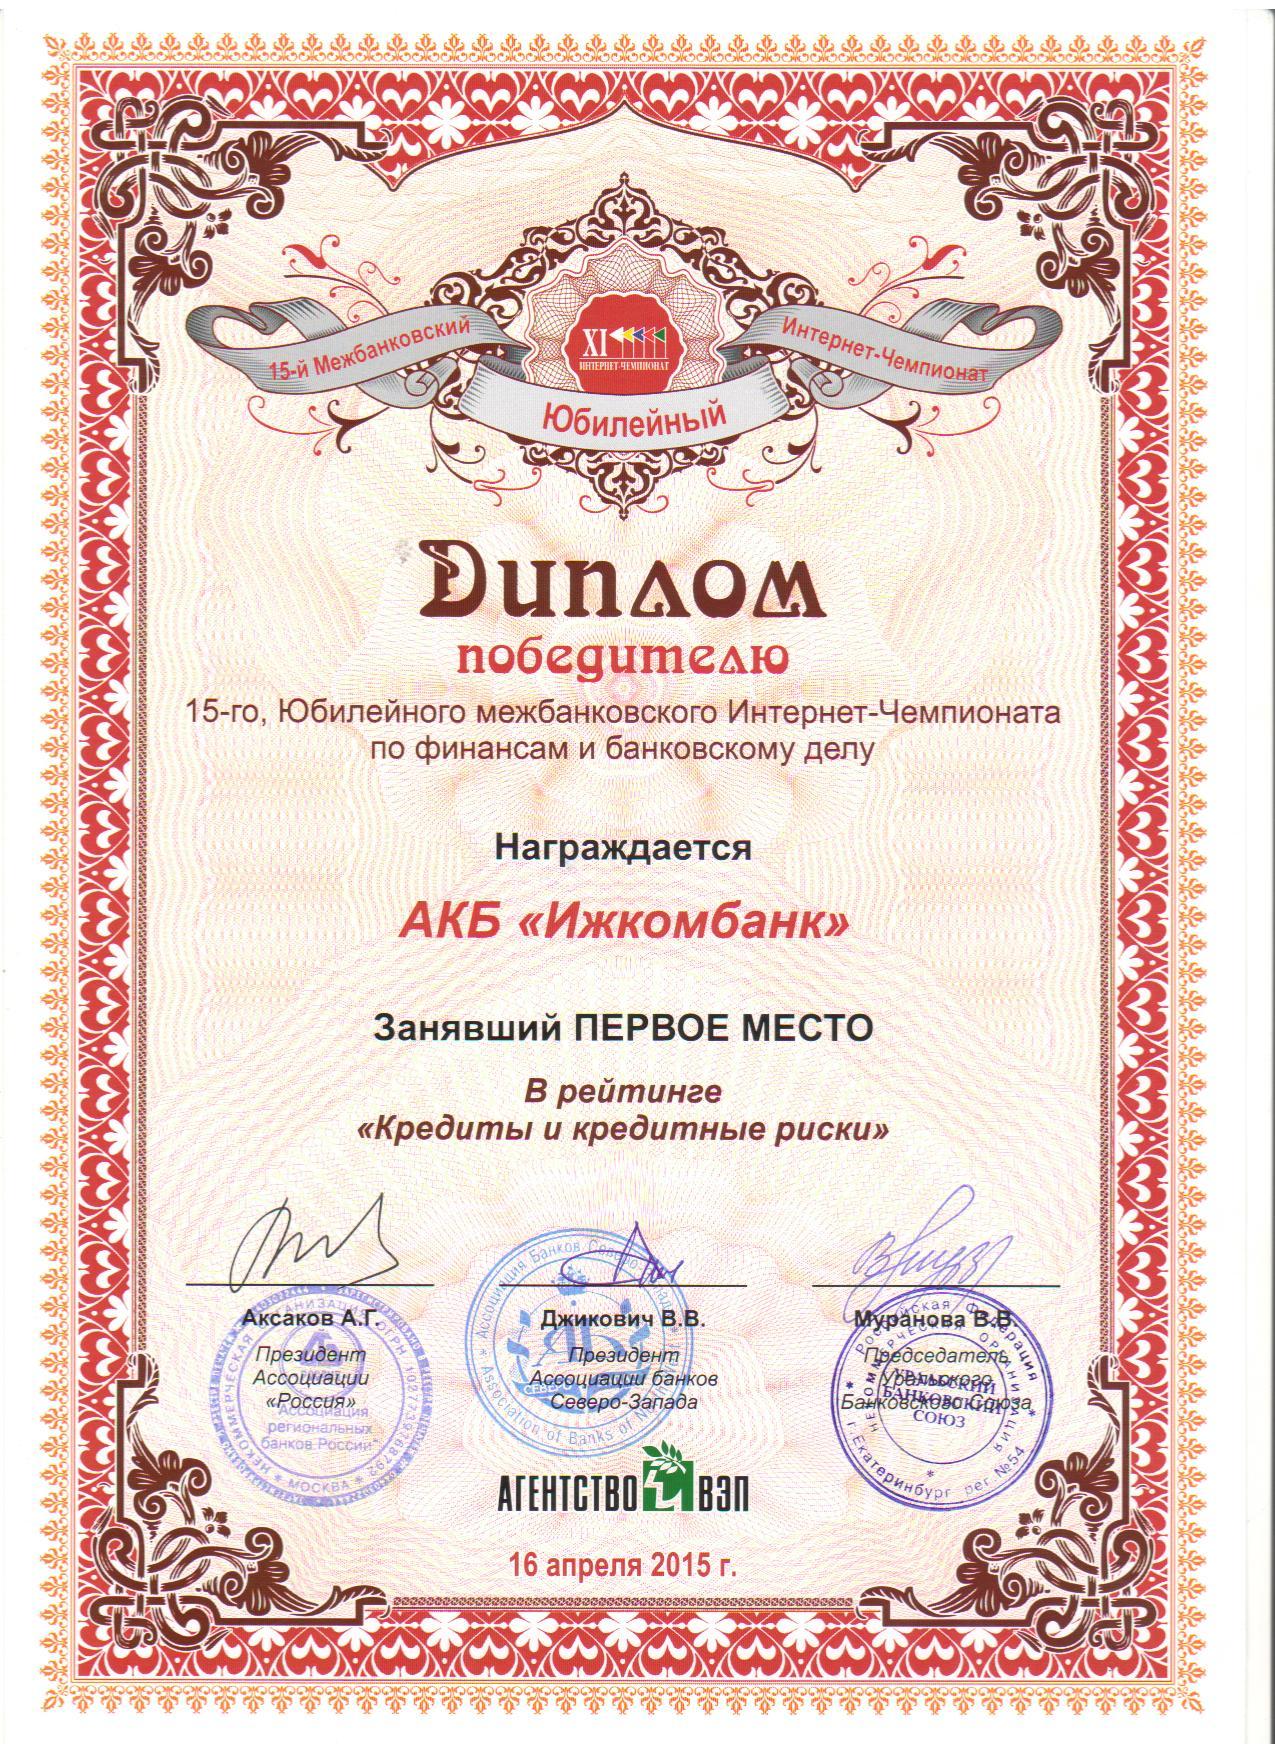 й межбанковский Интернет Чемпионат апреля г  1 место АКБ Ижкомбанк Диплом